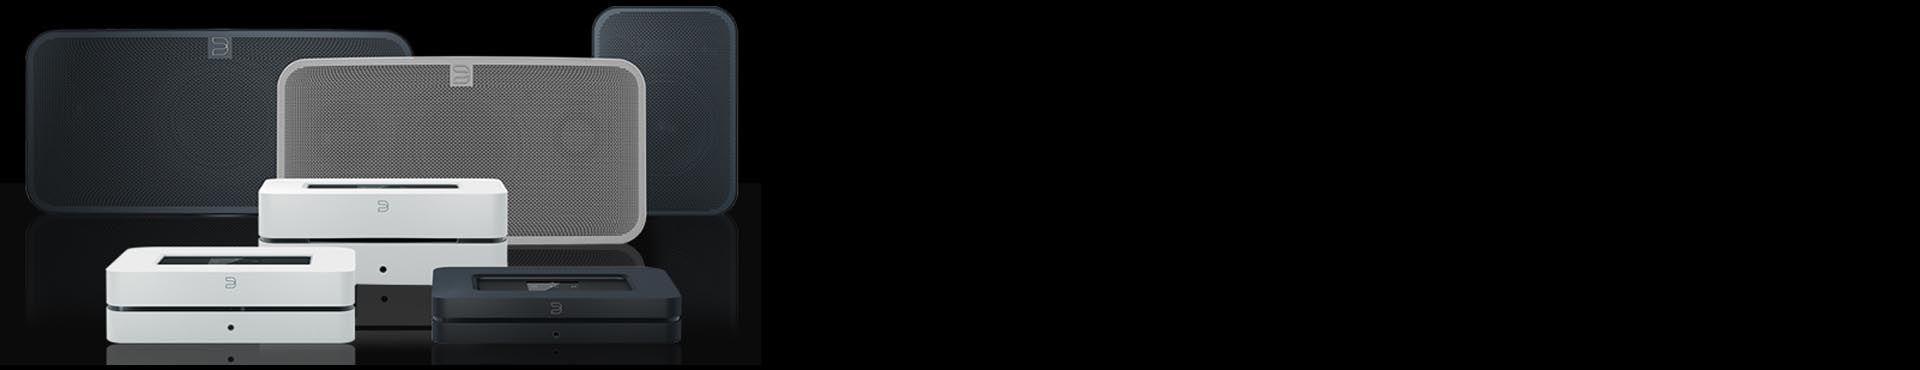 Belaidės multiroom garso sistemos